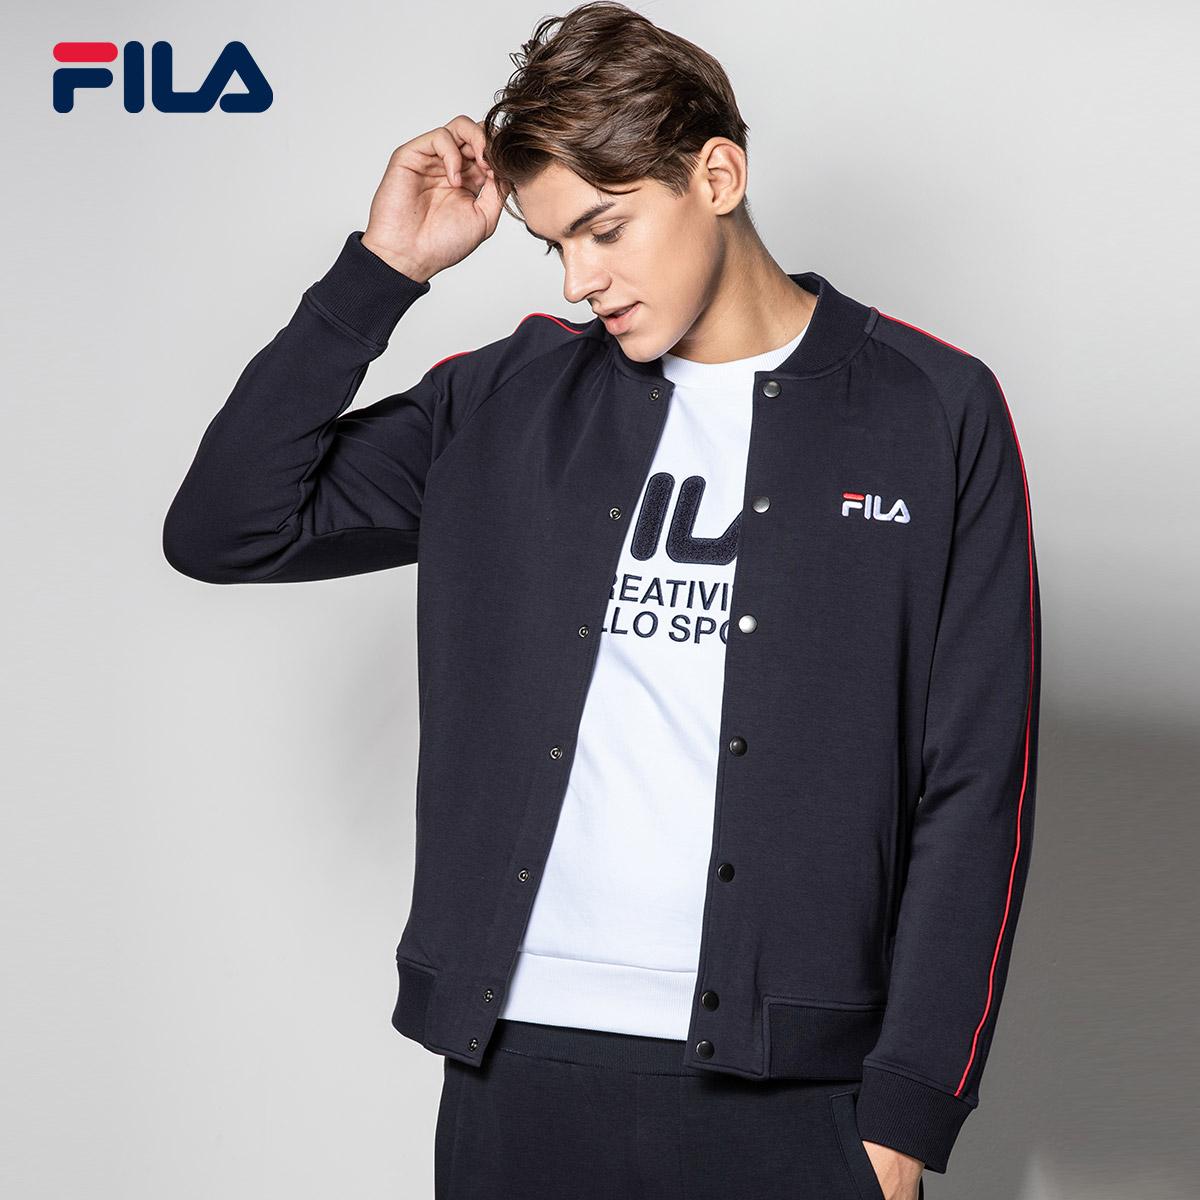 FILA斐乐外套2018秋季新款休闲运动男外套易搭简约潮流时尚上衣男